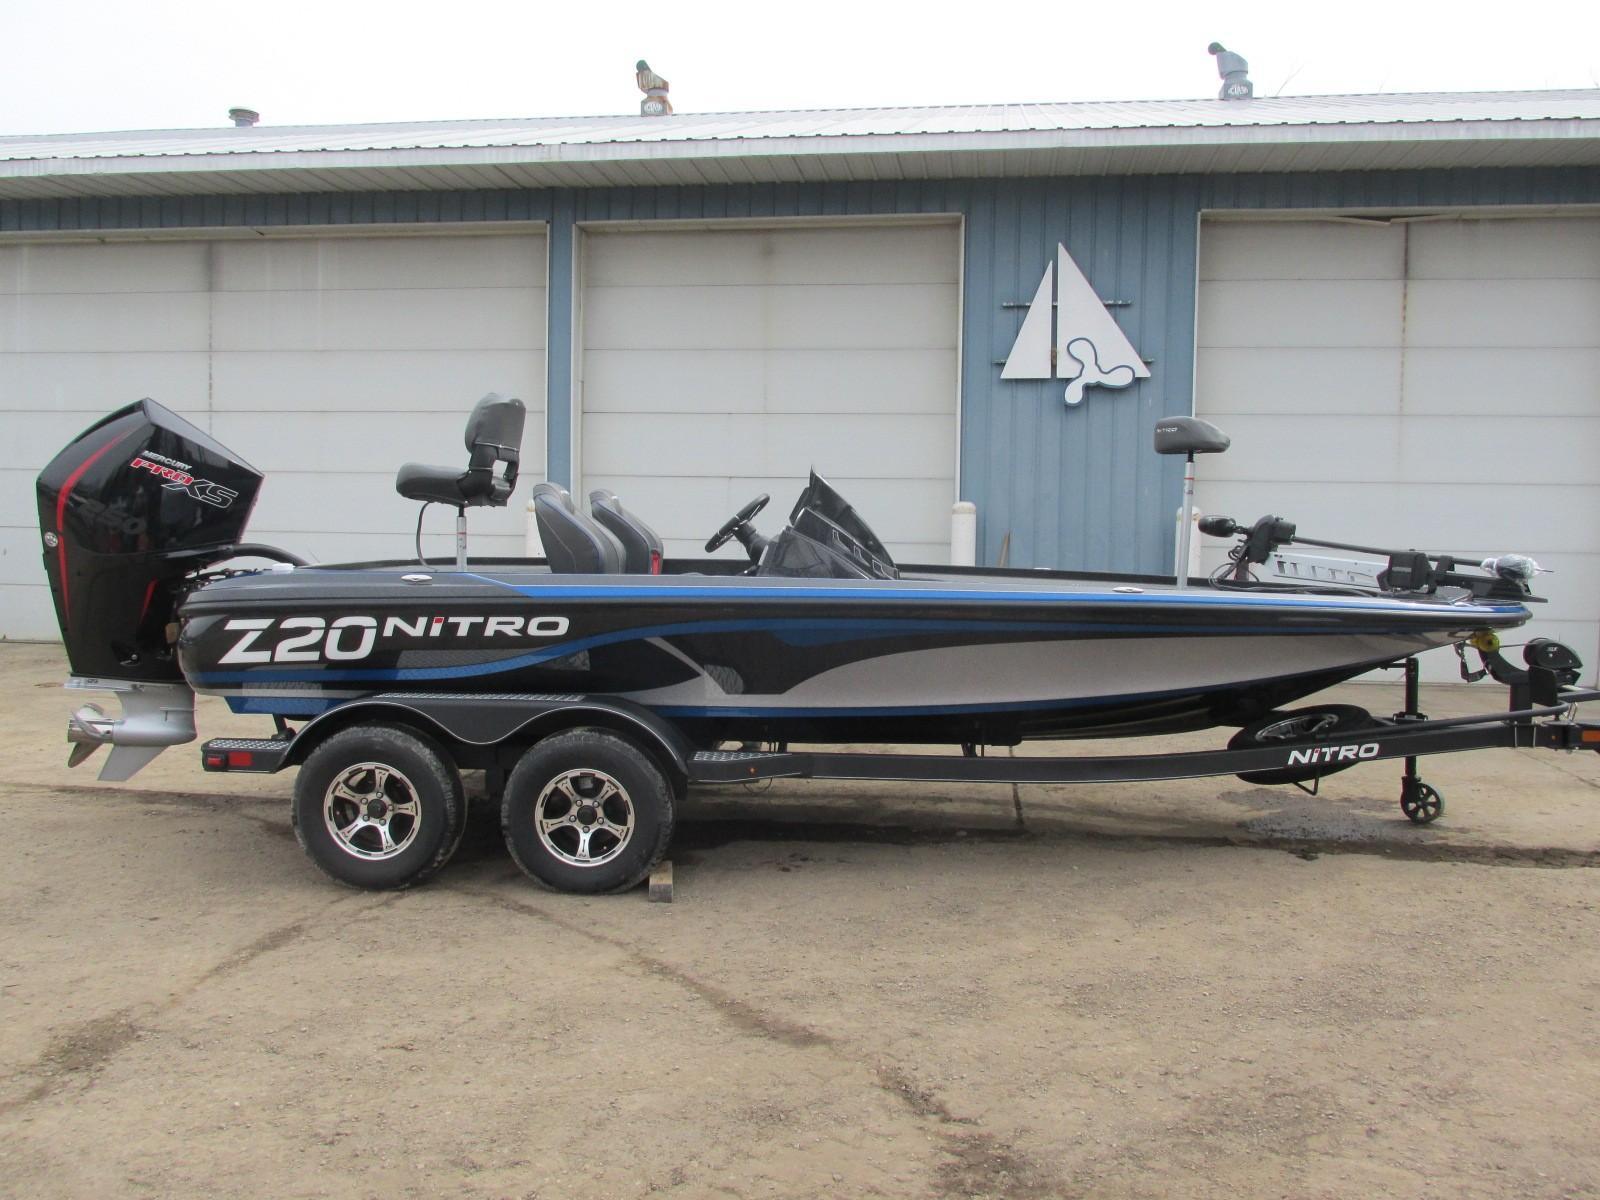 NitroZ20 Pro